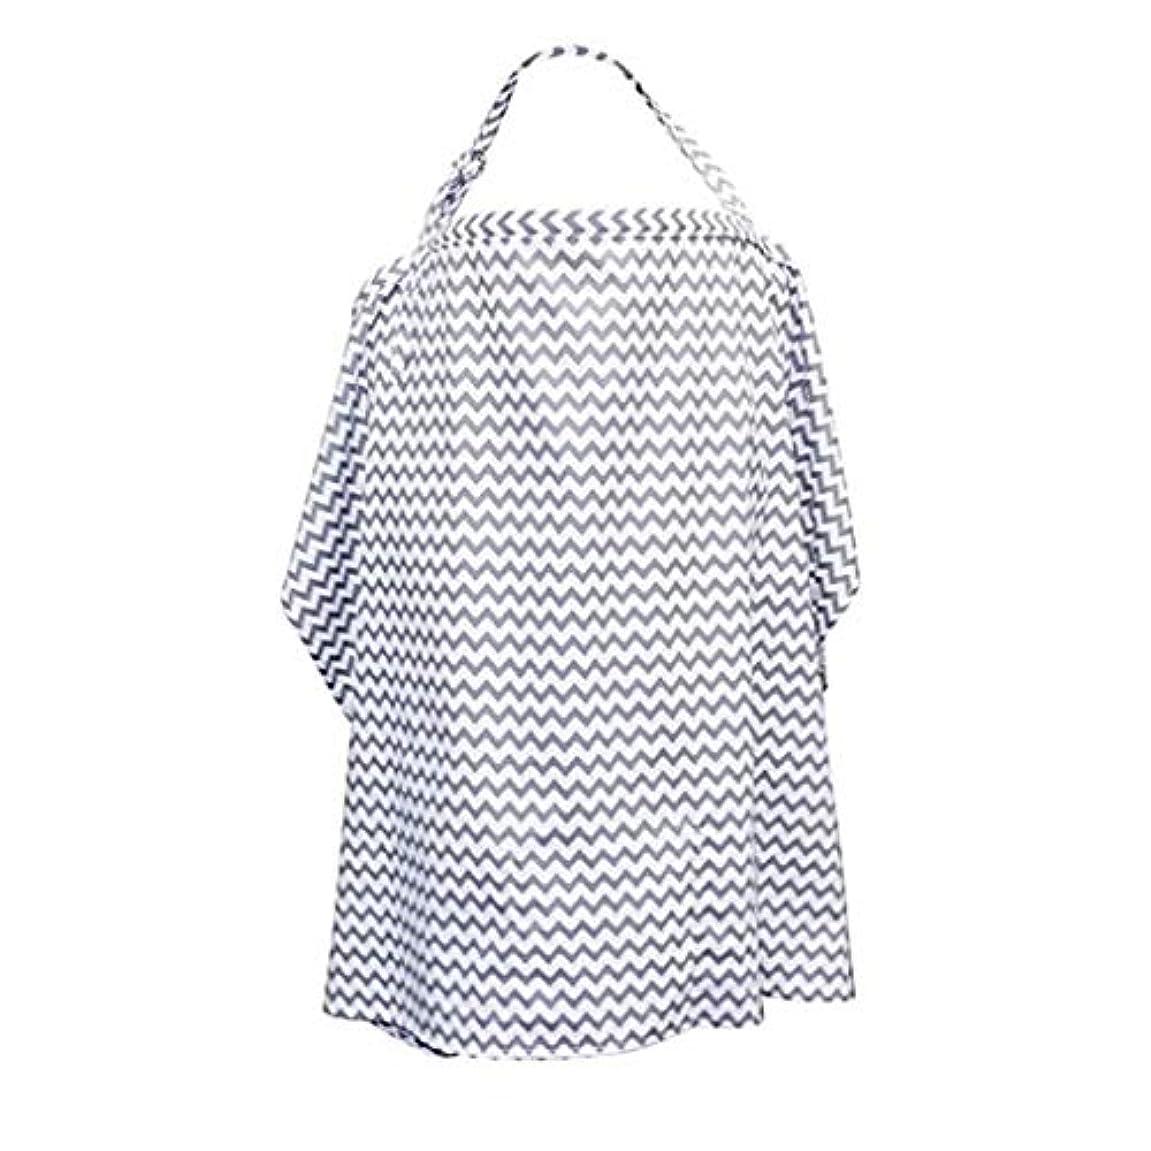 つぶやきほうき画面調節可能なストラップ付き母乳育児カバー - 100%プレミアムコットンベースの看護カバー - 屋外給餌赤ちゃん看護布 - 収納バッグ&タオルコーナー (グレー)